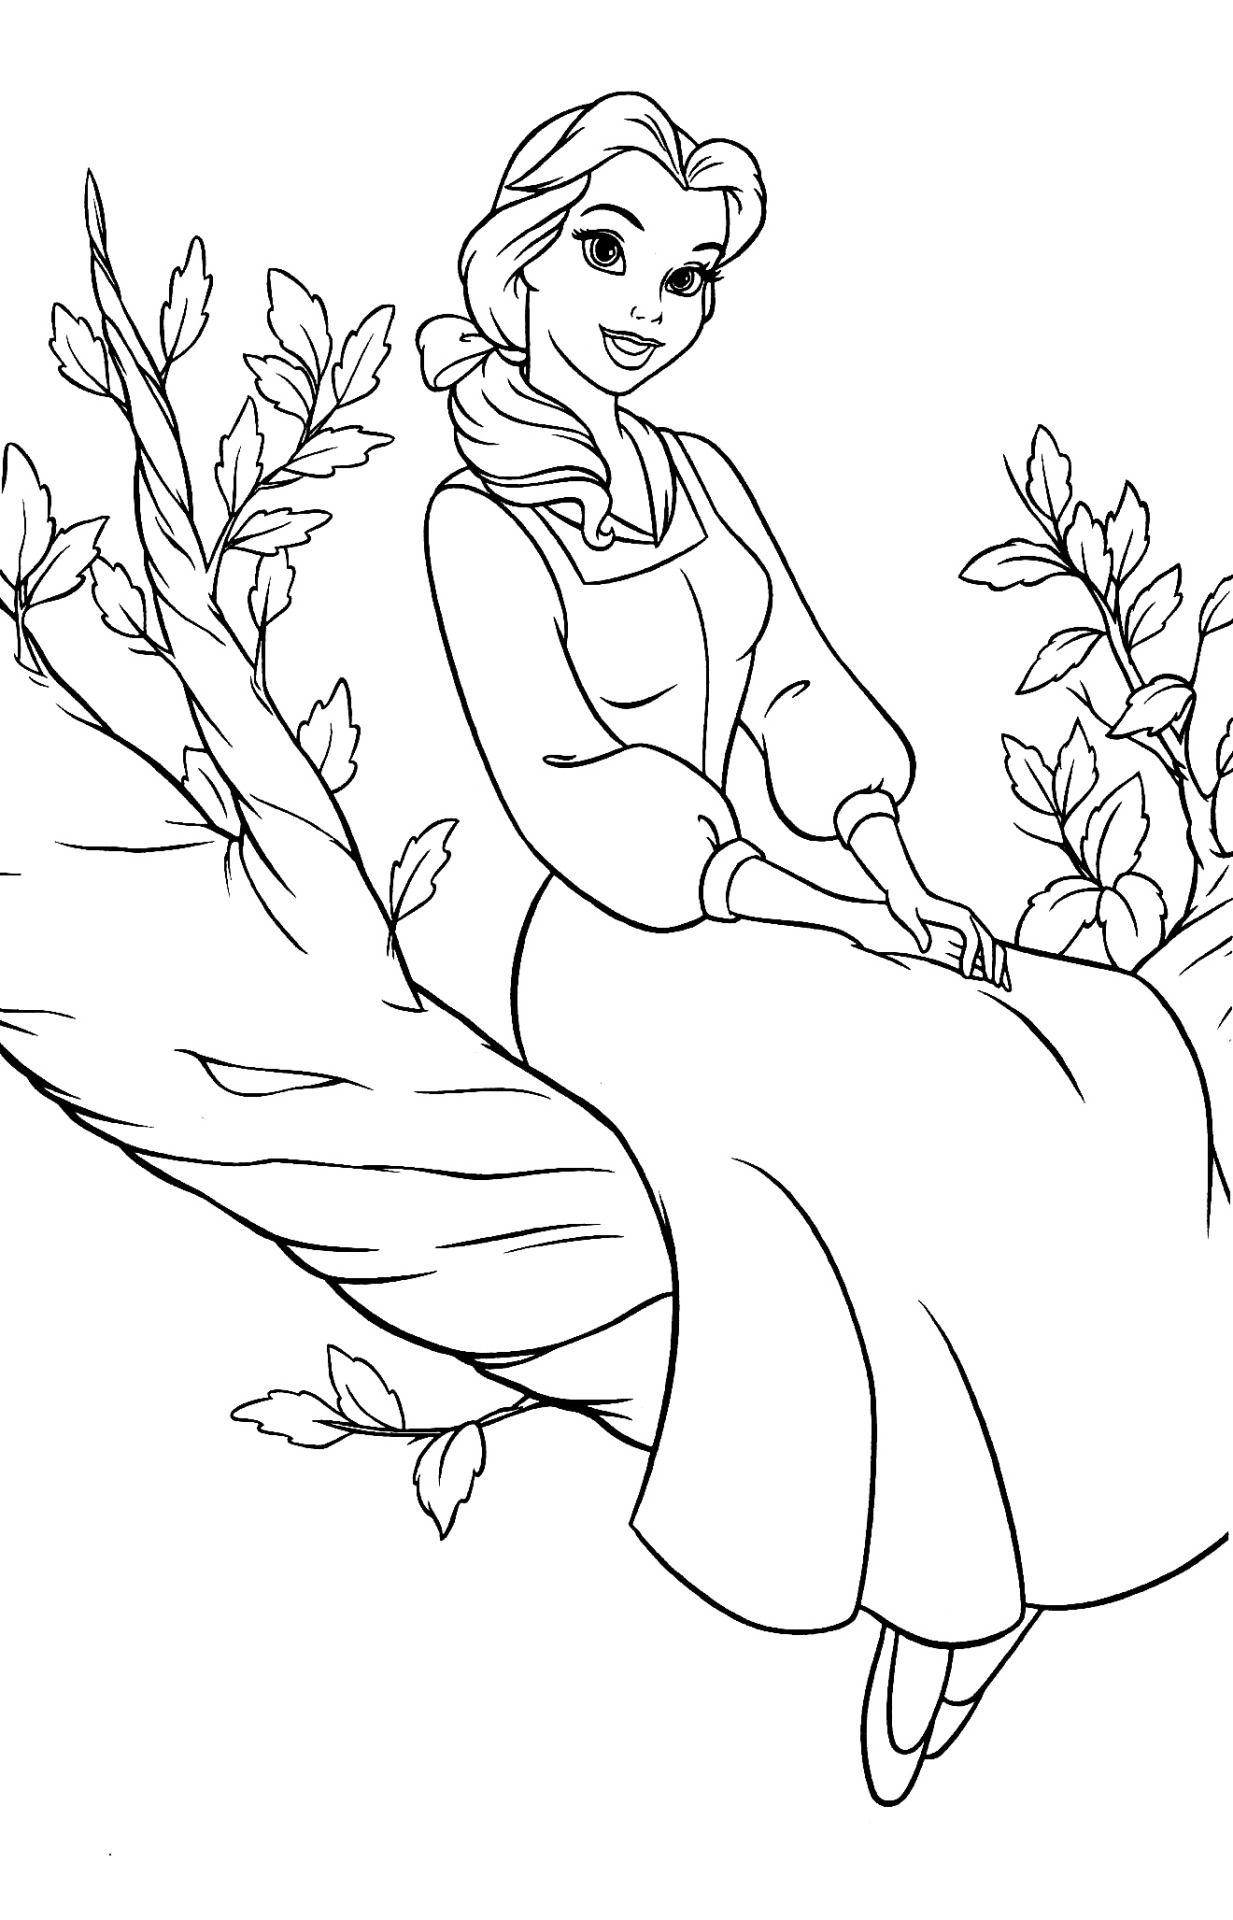 coloriage la belle et la bête  Disney coloring pages, Belle